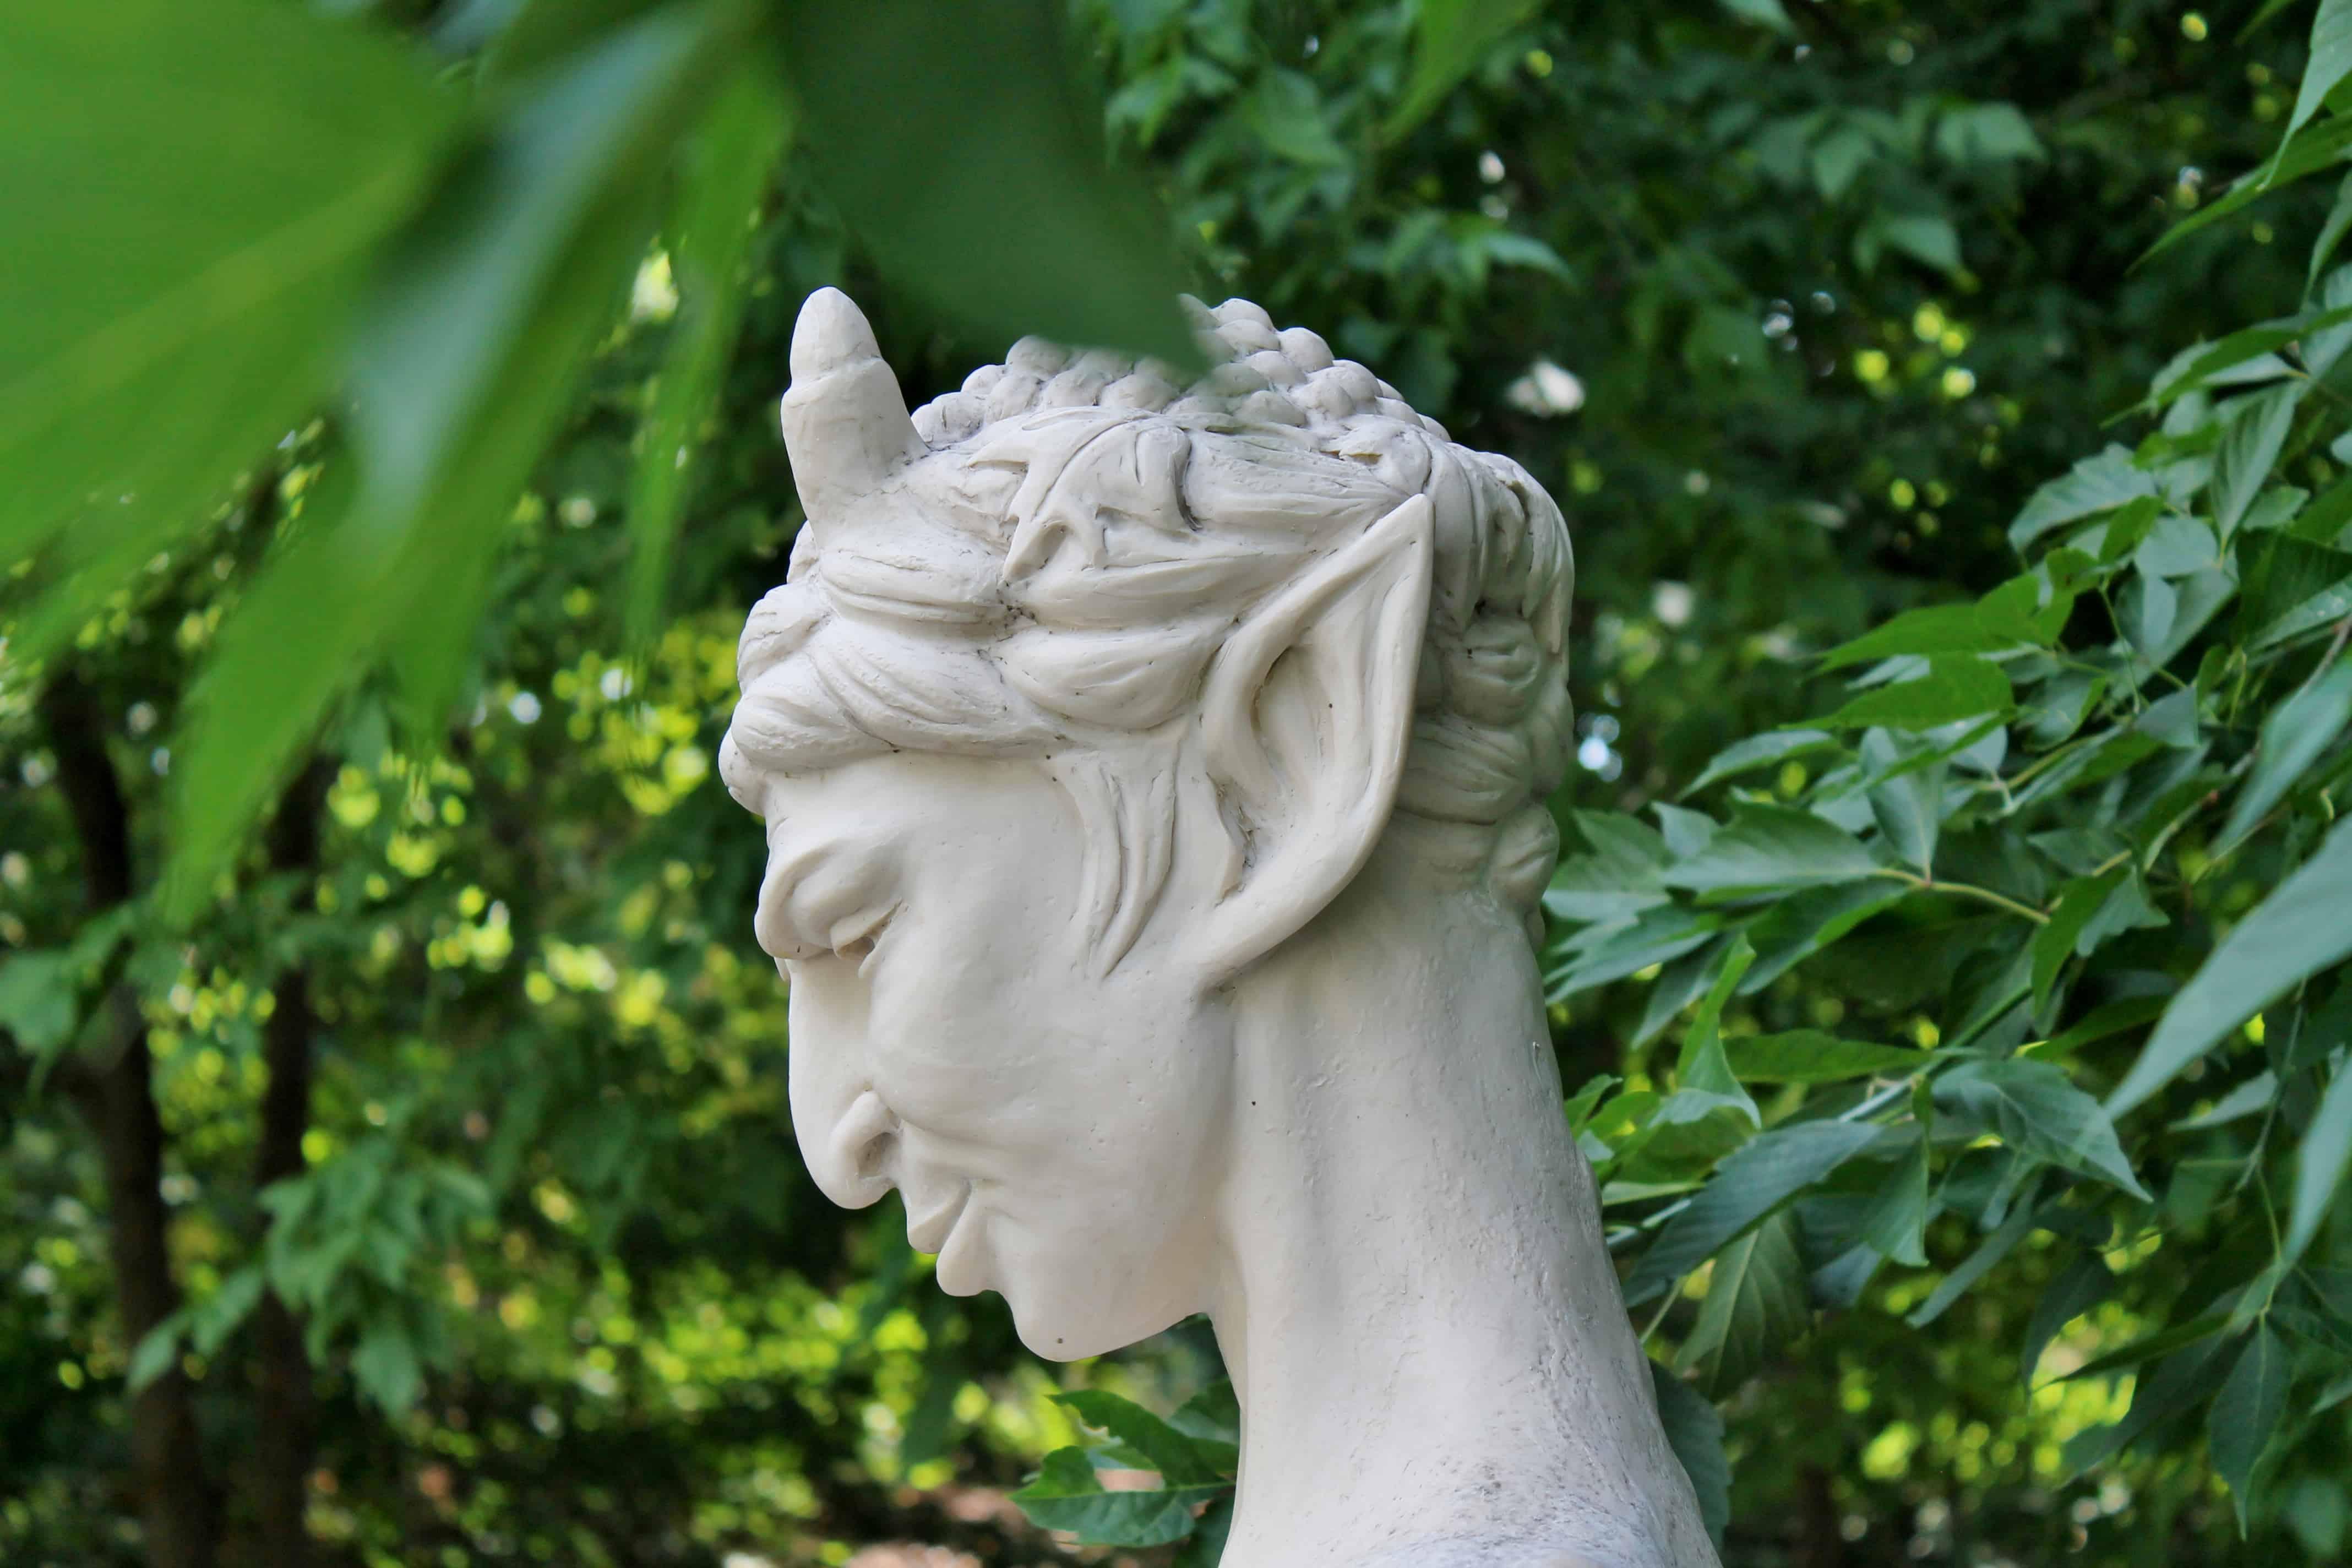 Faun statue in Italianate grotto of Congress Park, Saratoga